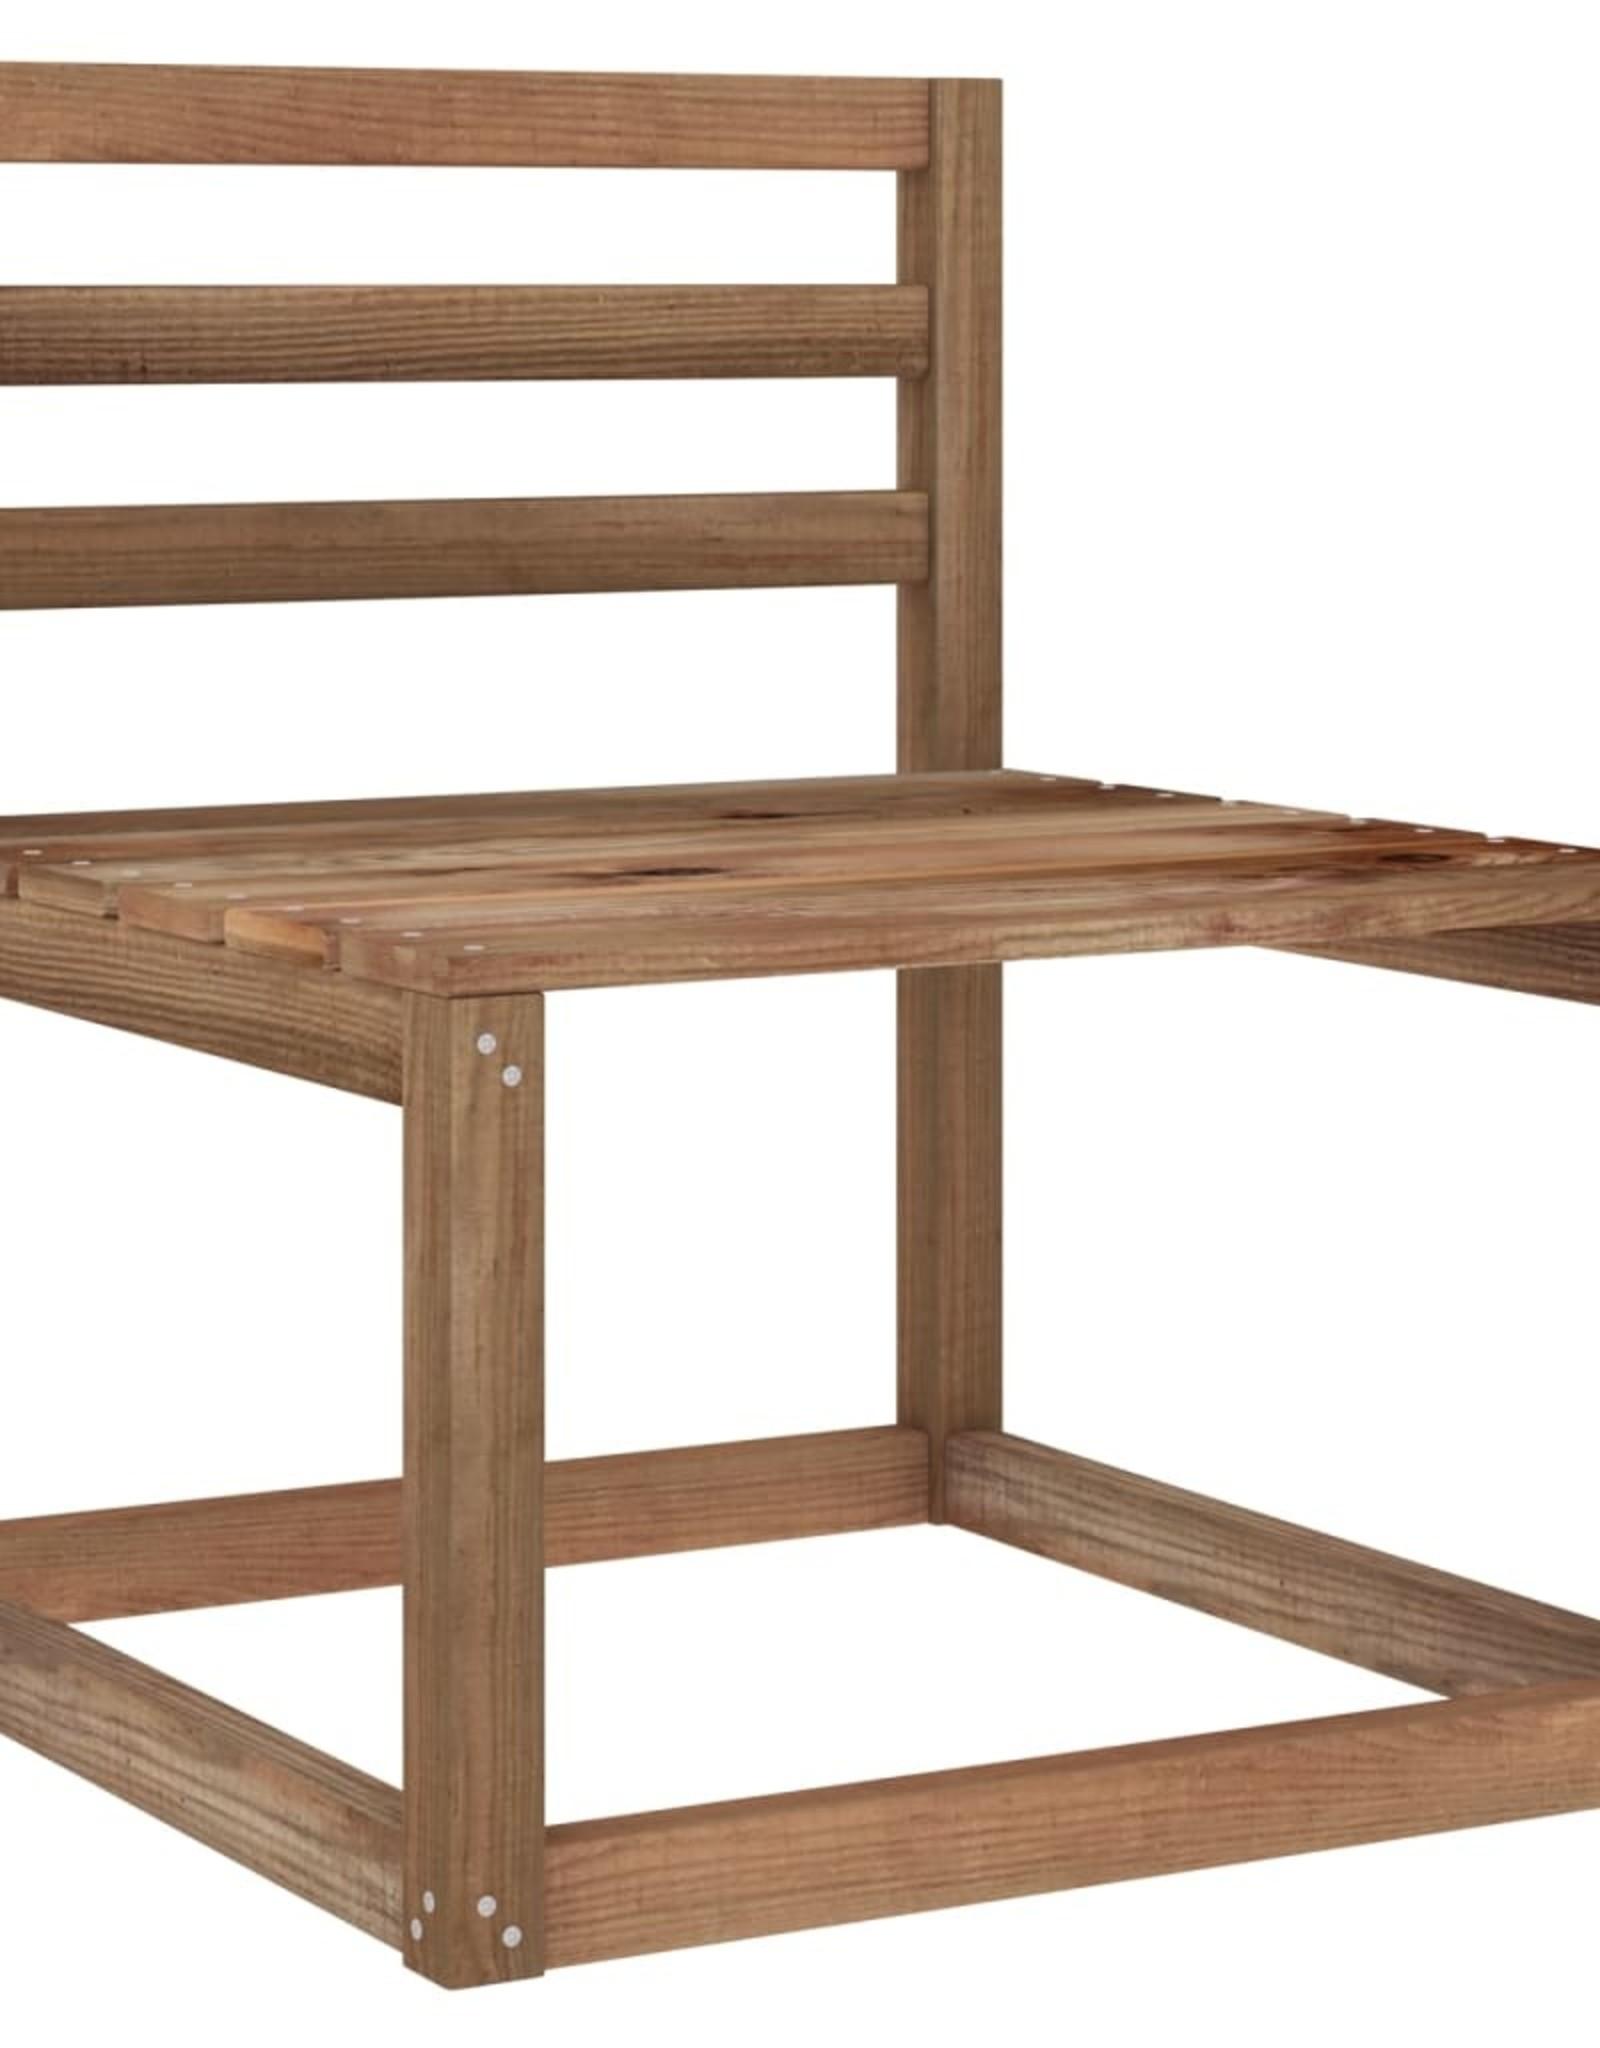 6-delige Loungeset met groene kussens geïmpregneerd grenenhout